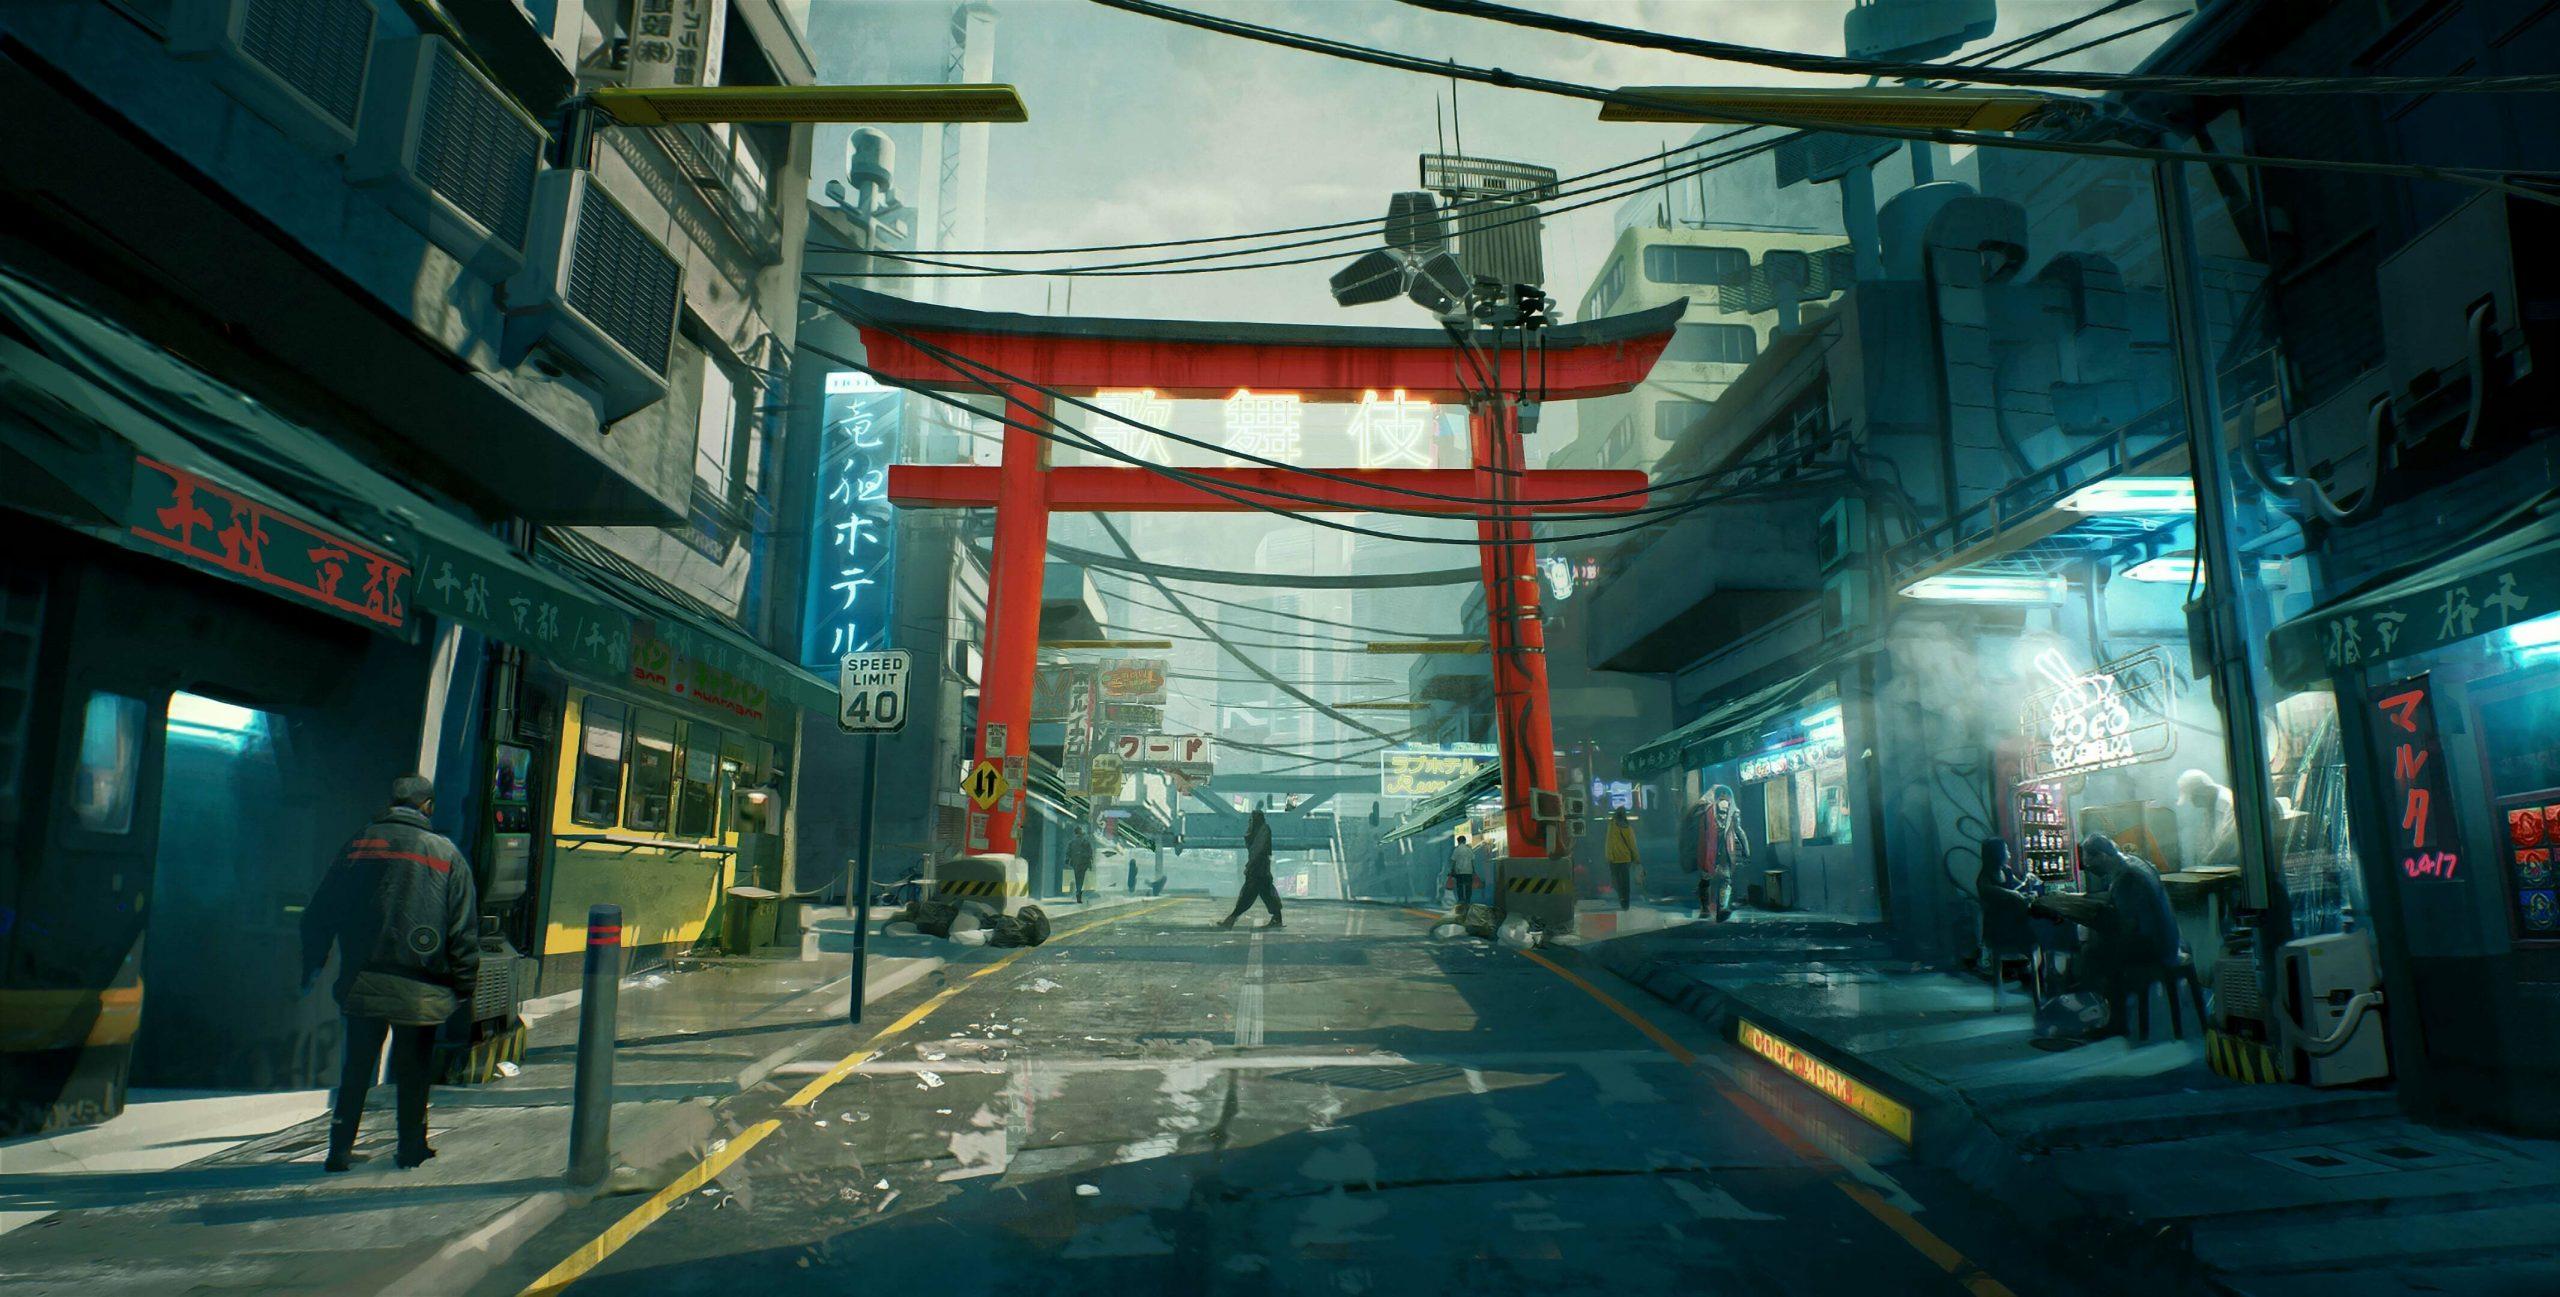 Трейлер, геймплей ианиме отTrigger — что показали напрезентации Cyberpunk 2077? 20